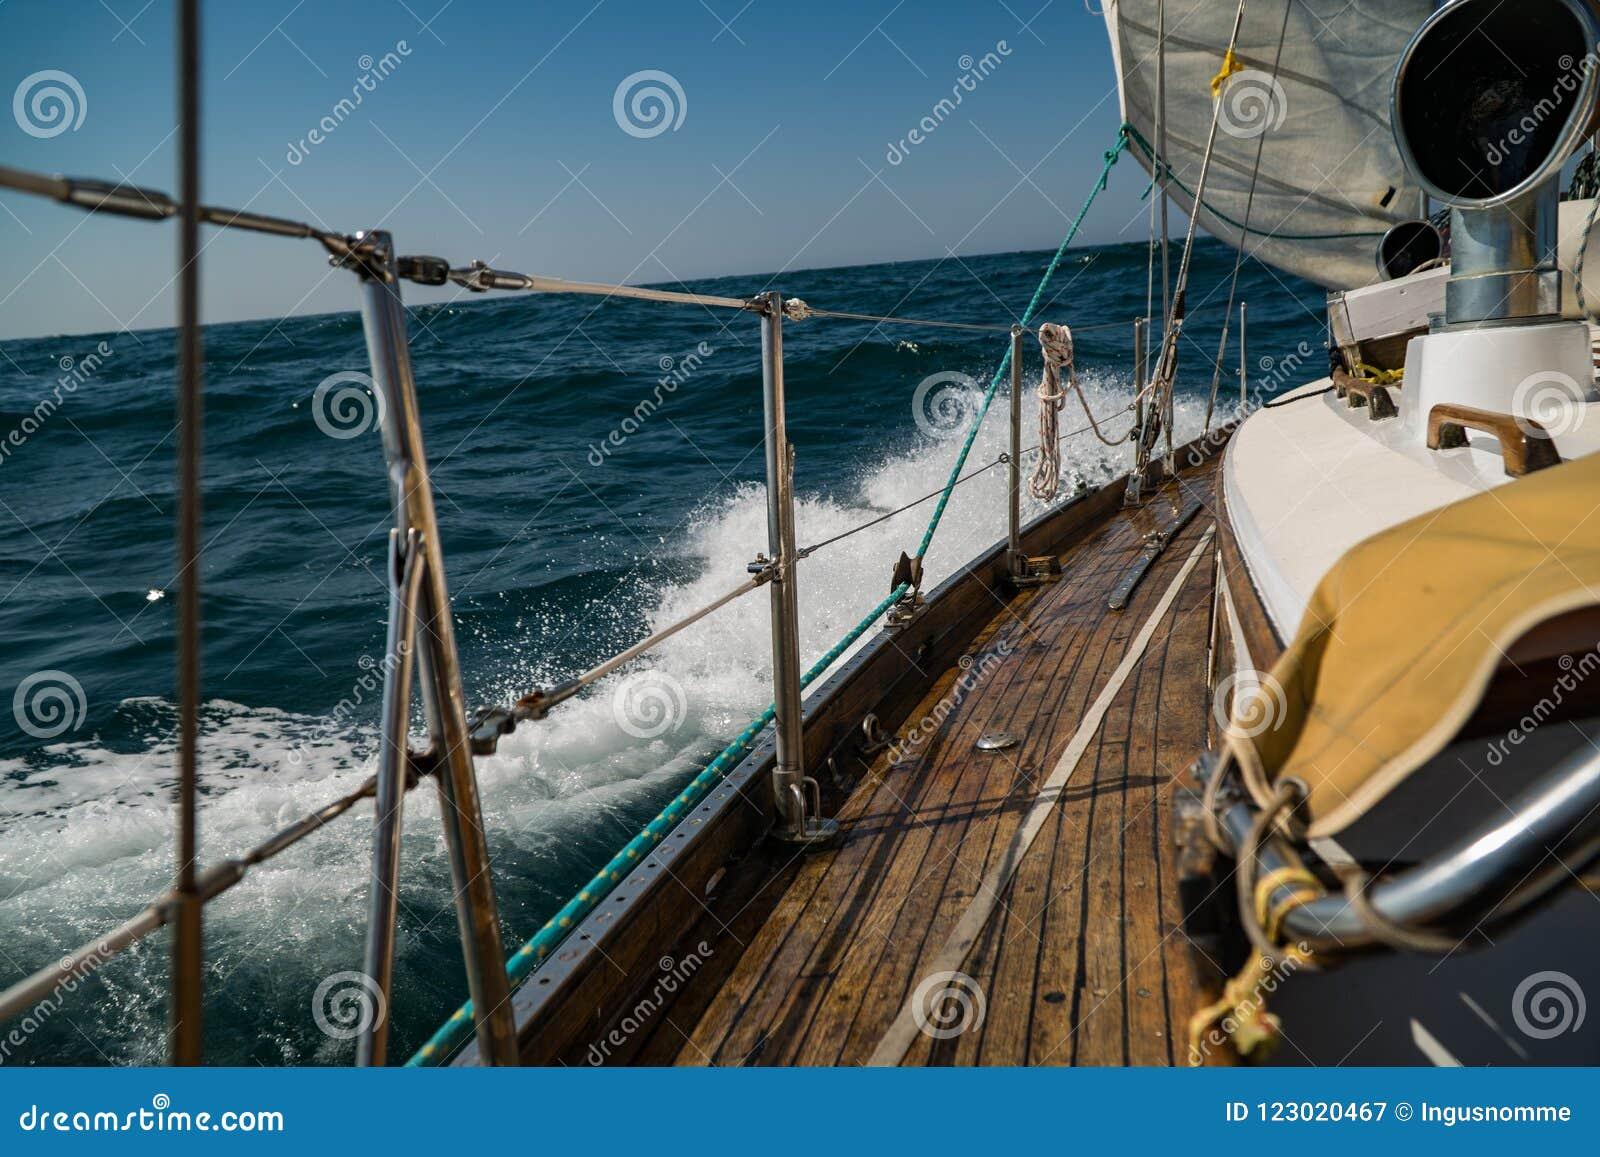 航行 乘快艇 豪华生活方式 并且危险